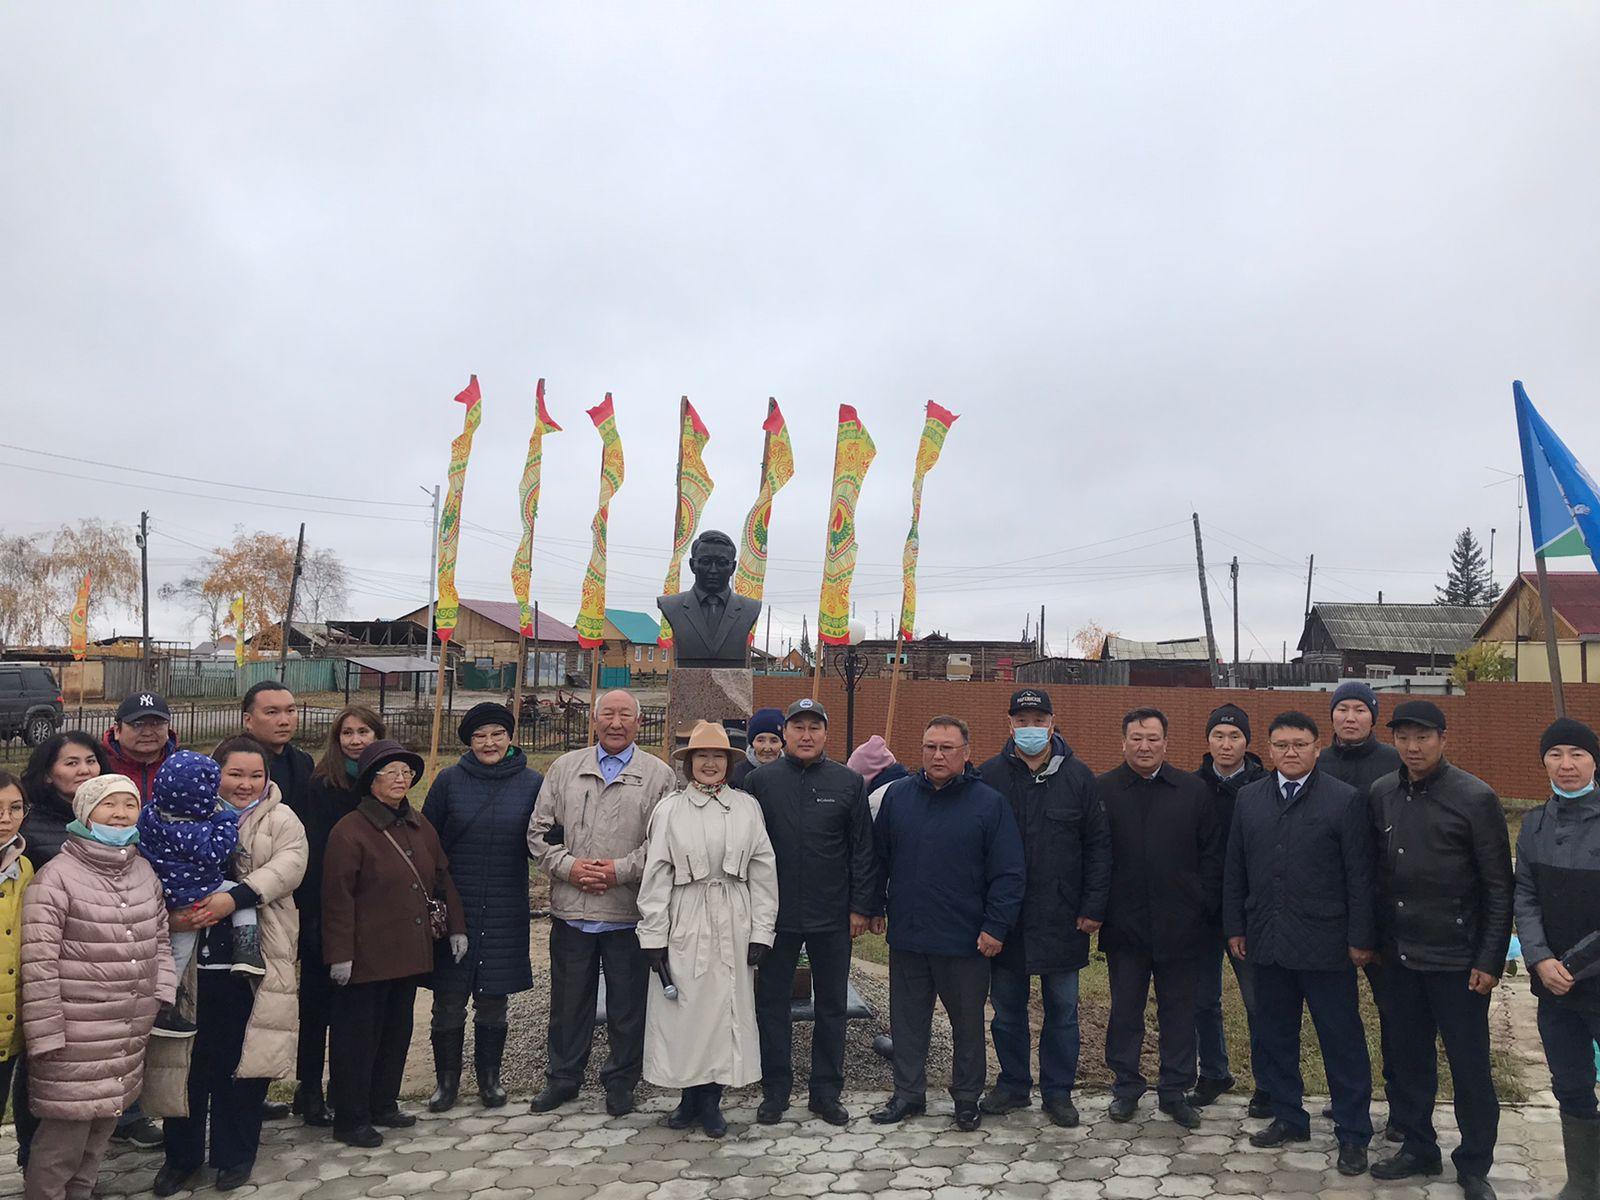 Андрей Находкин принял участие в открытии памятного бюста Айаала Степанова и чествовании огнеборцев в Мегино-Кангаласском районе